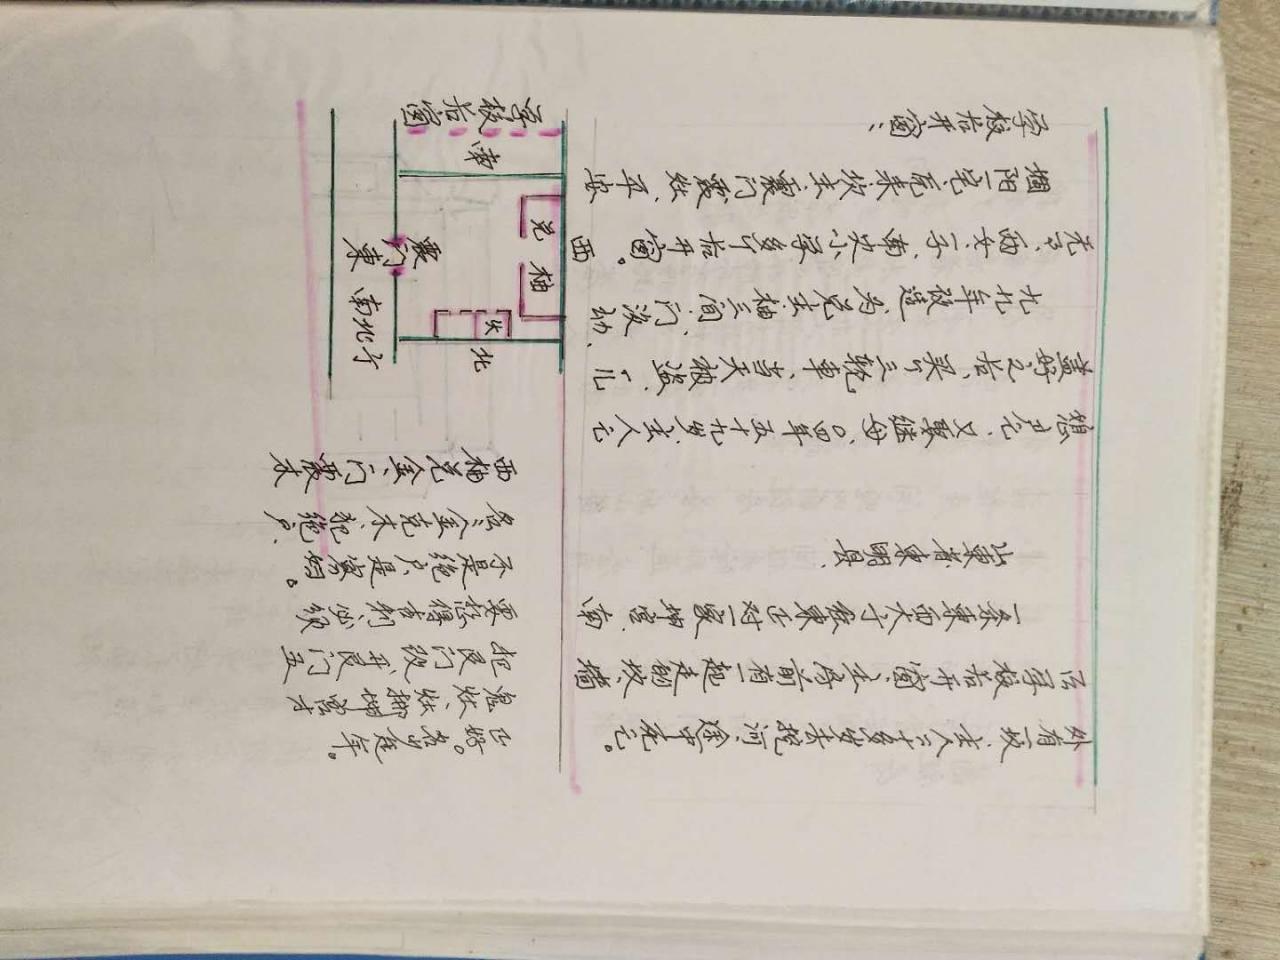 八宅派阳宅笔记民间老师整理笔记361页